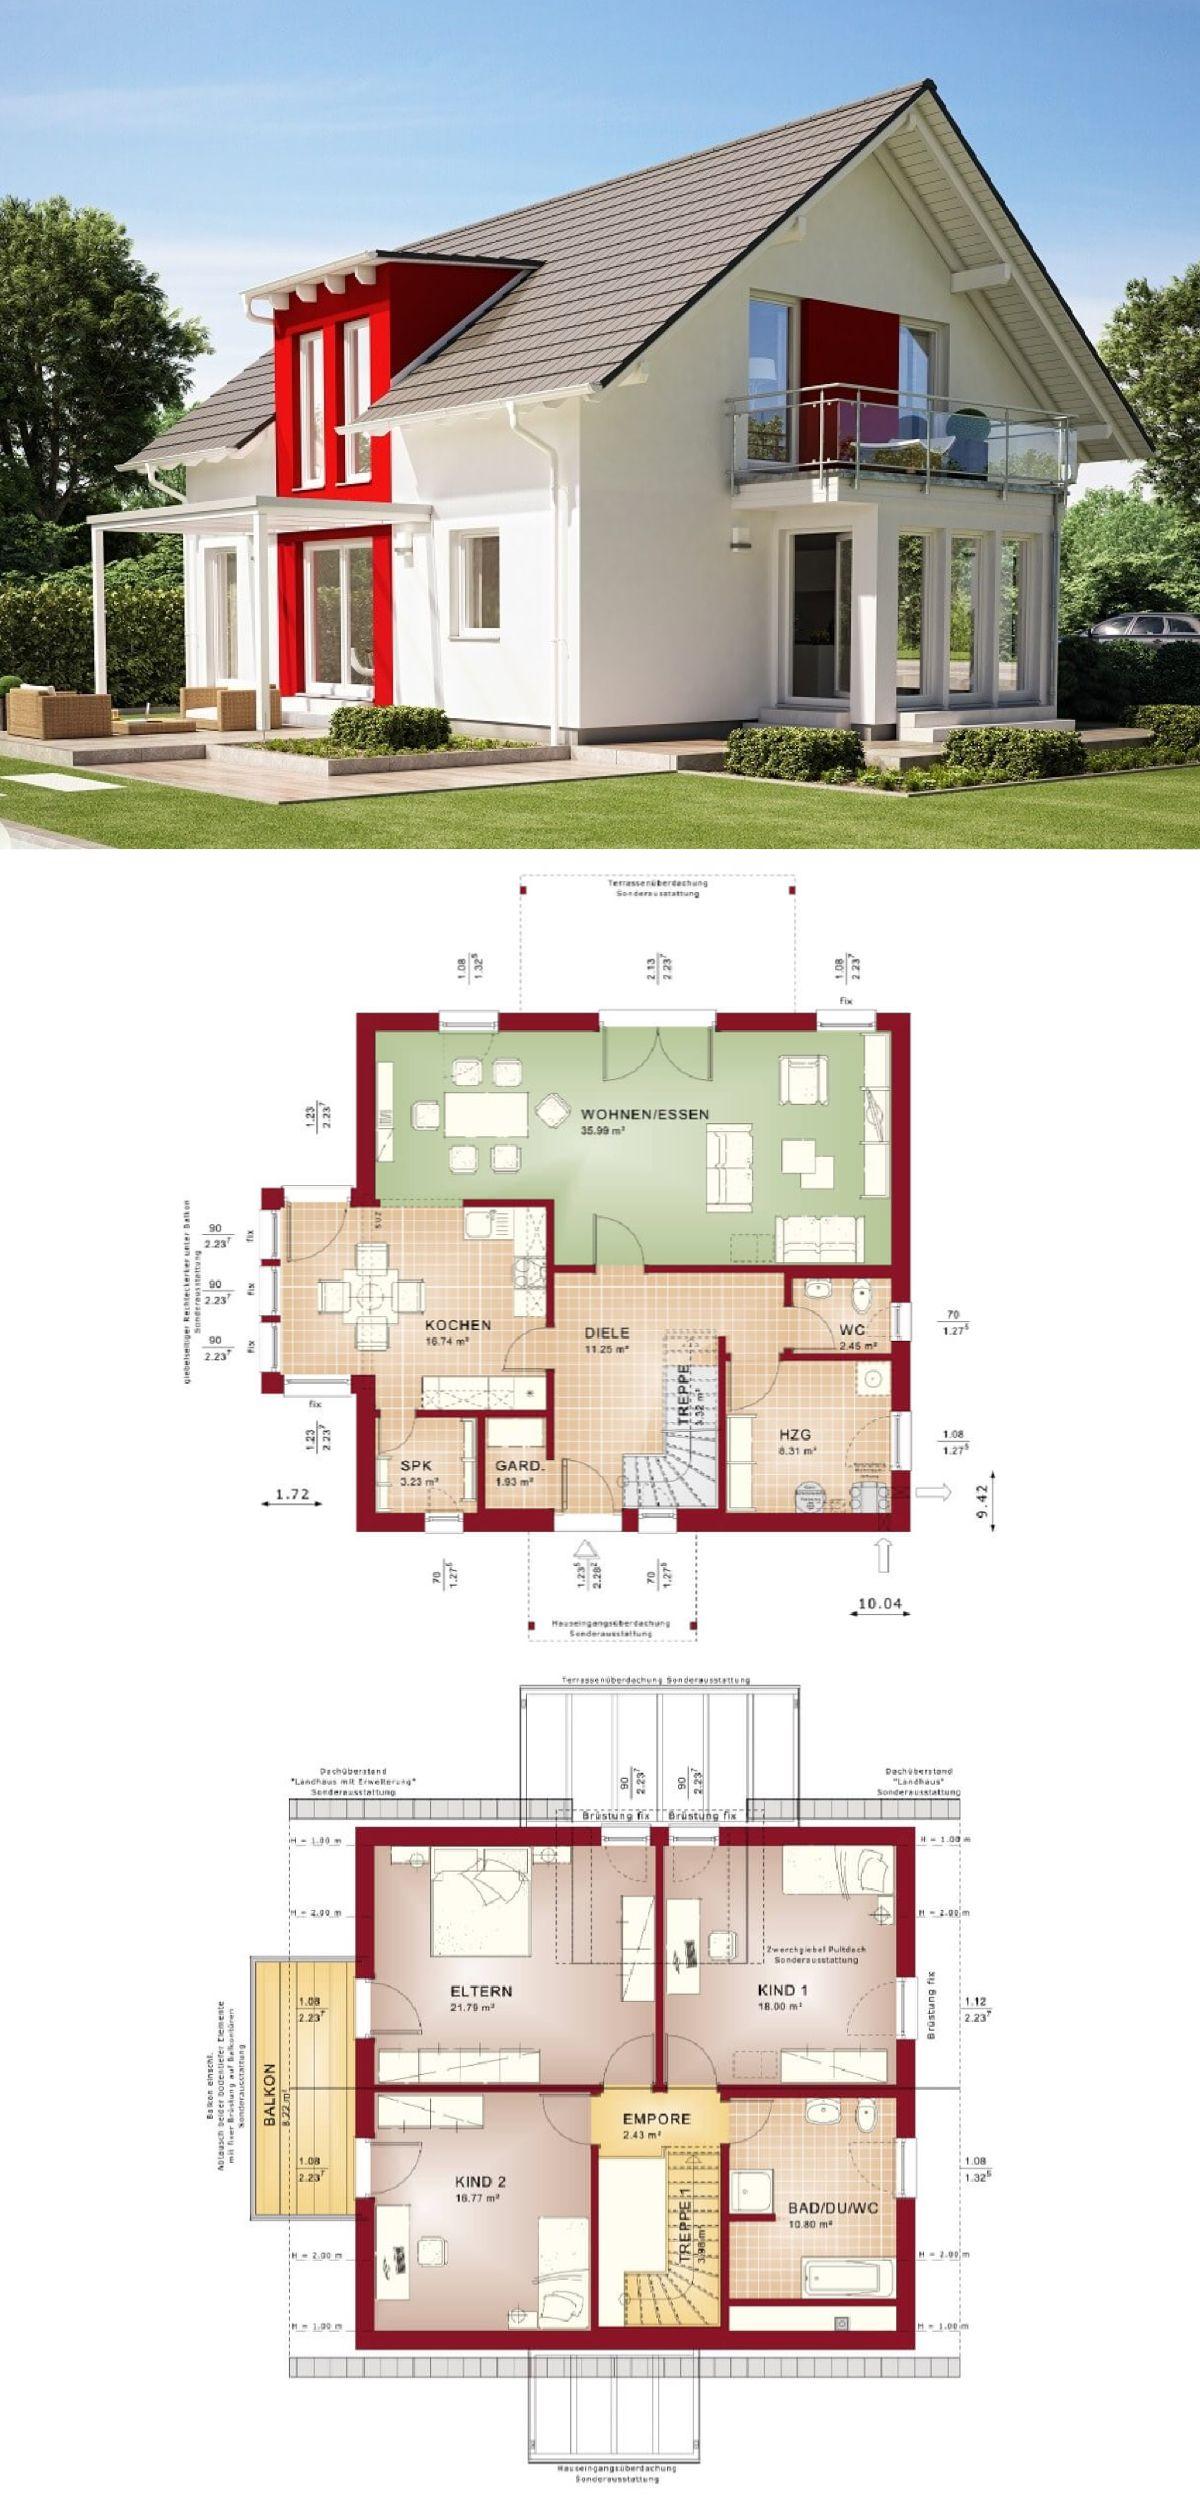 Einfamilienhaus Klassisch Mit Satteldach Architektur Erker Anbau Und